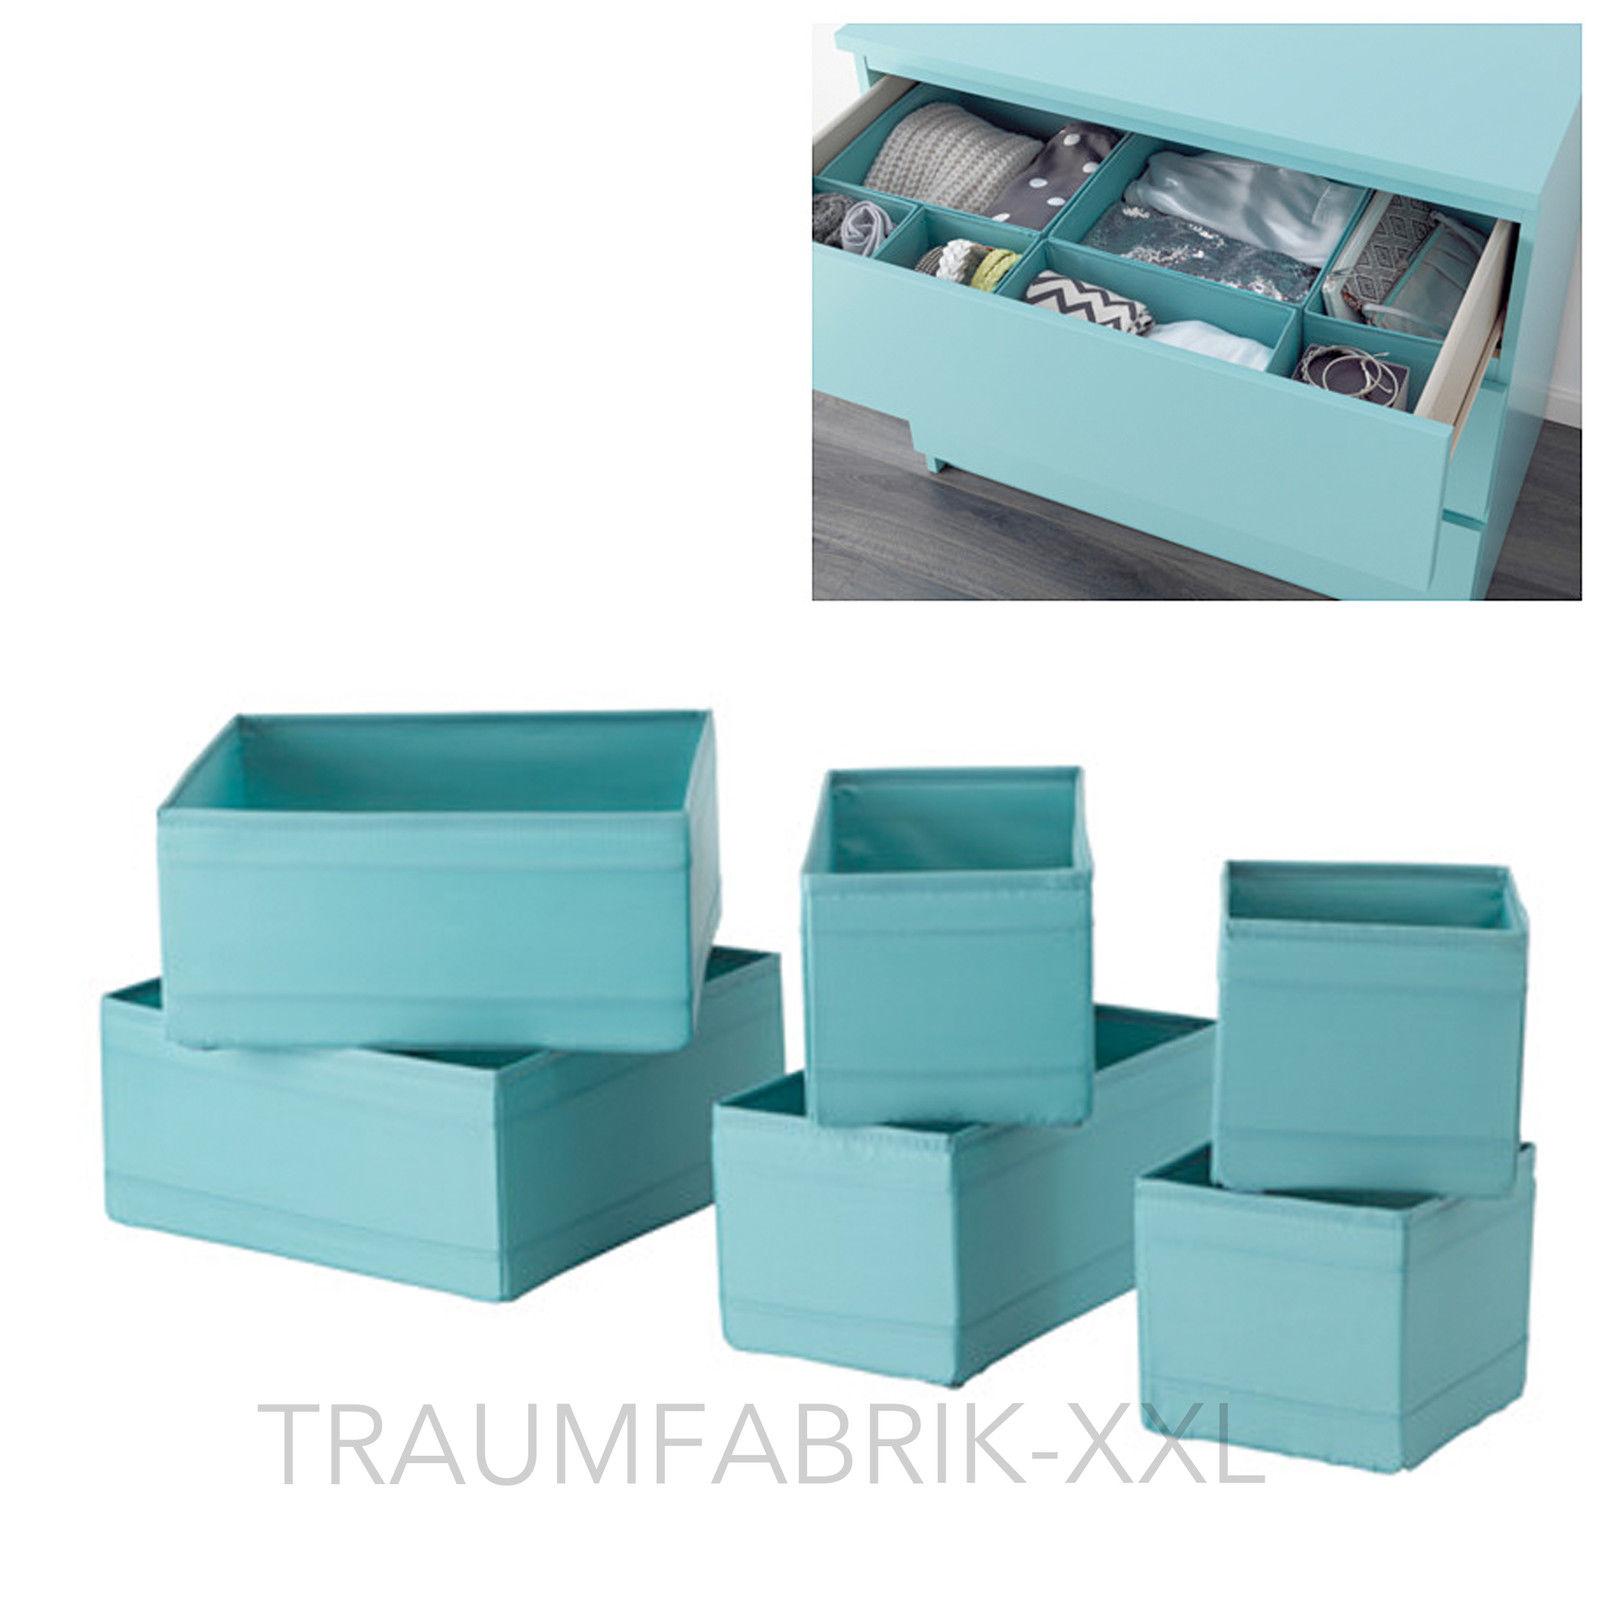 ikea aufbewahrungsboxen bilder kinderzimmer ikea mit aufbewahrungsboxen wird. Black Bedroom Furniture Sets. Home Design Ideas